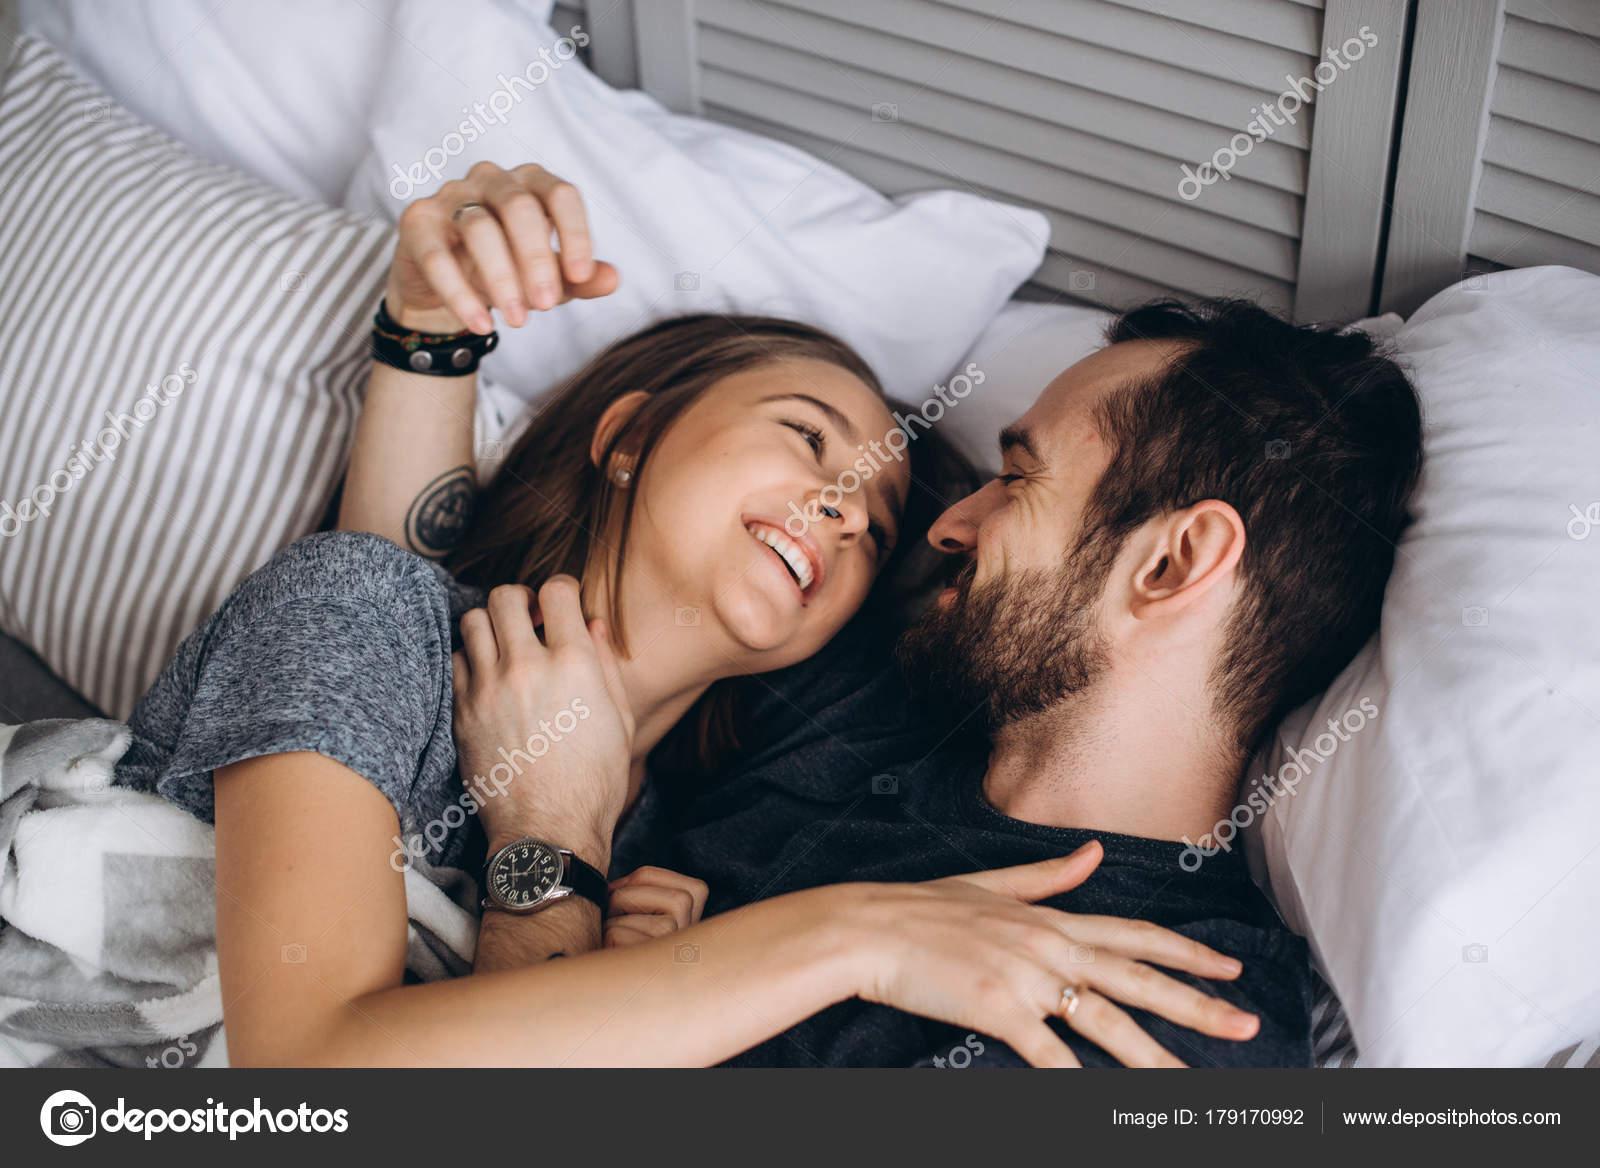 Приеме как любить жену в кровати девушка натурщица